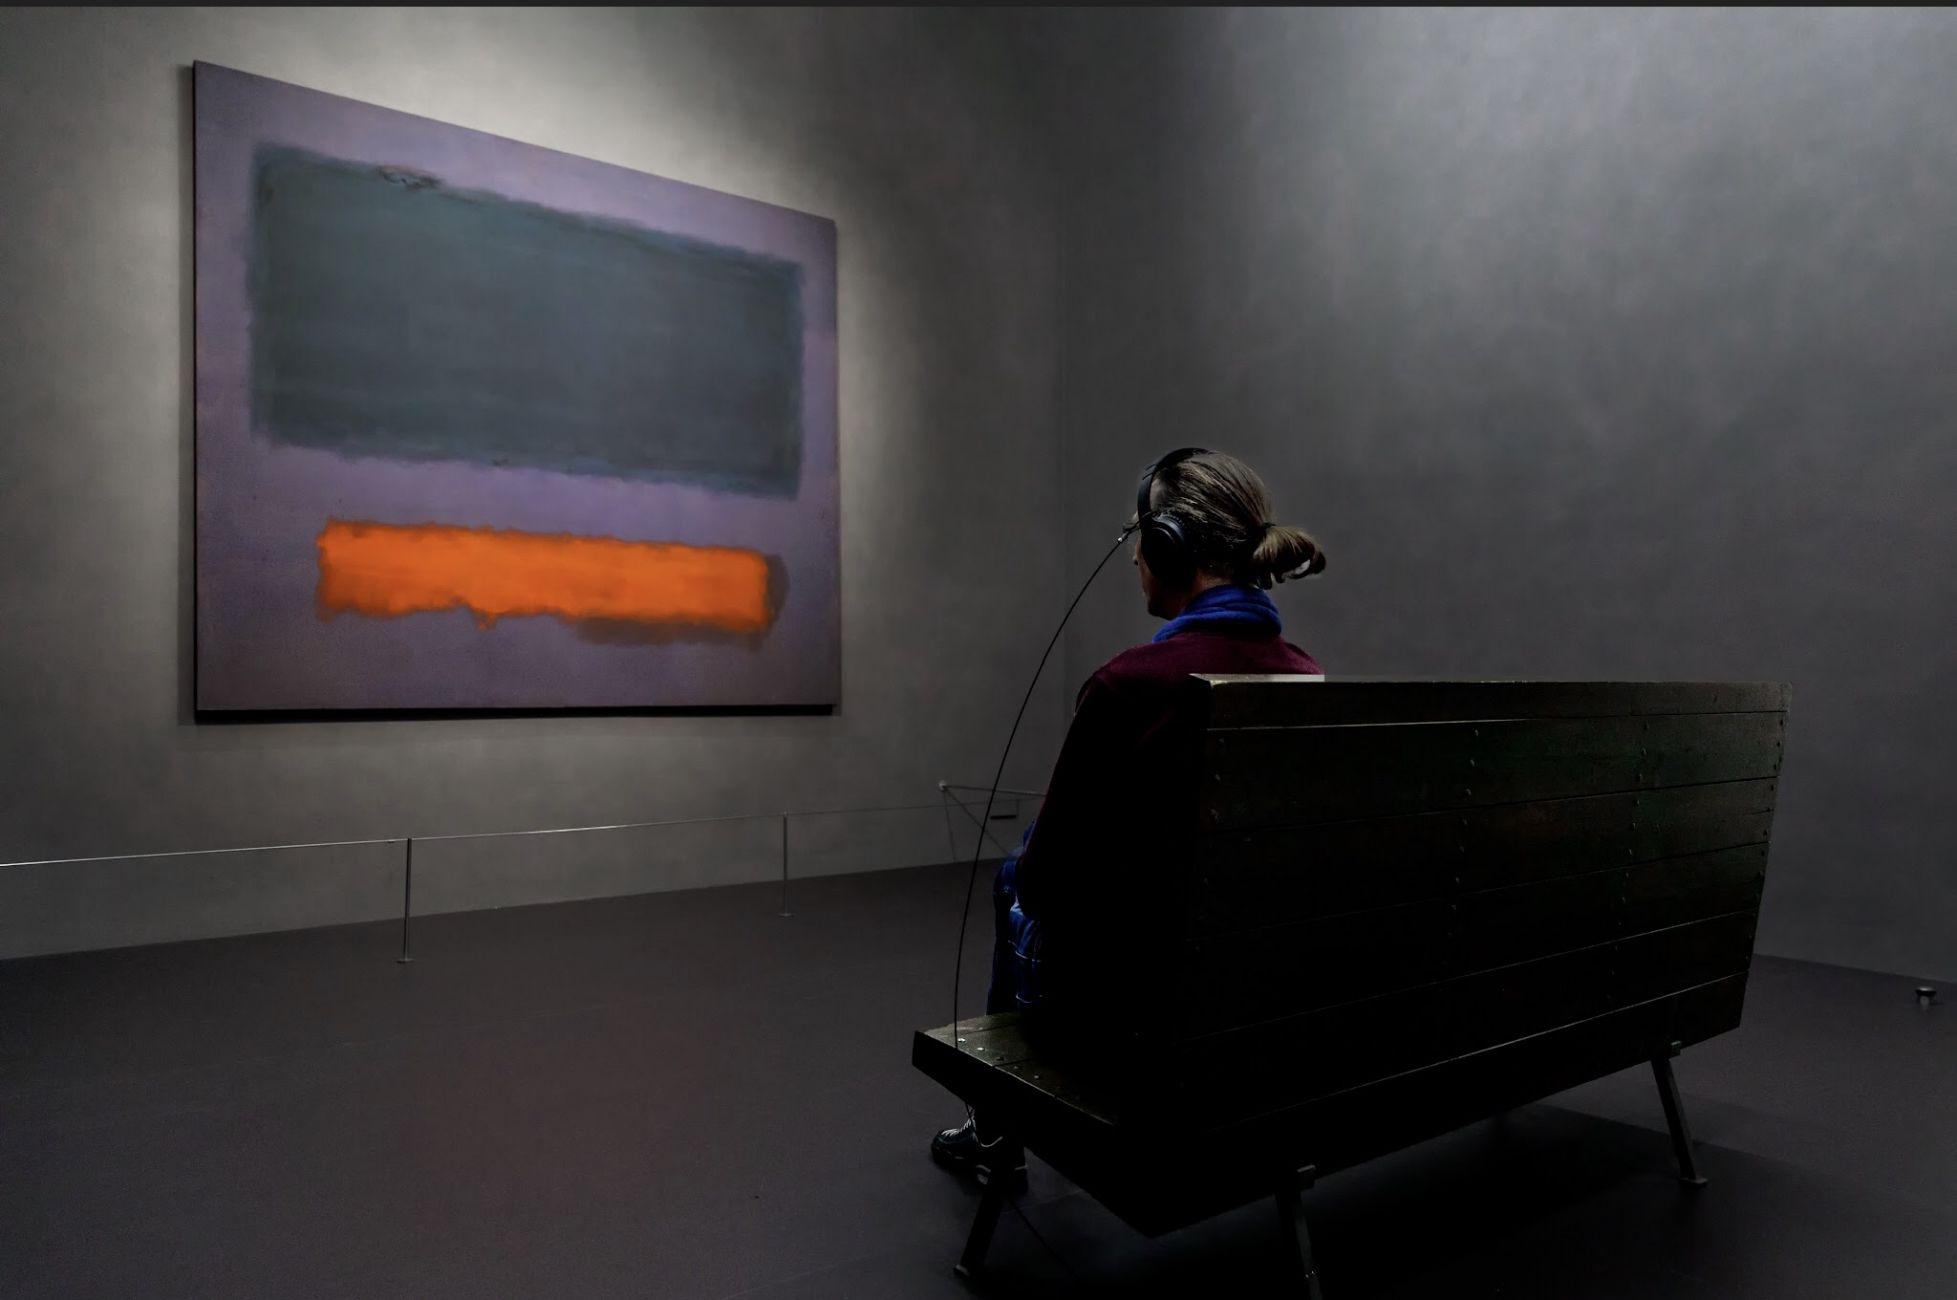 Schilderij Rothko weer te zien na 'misverstand'